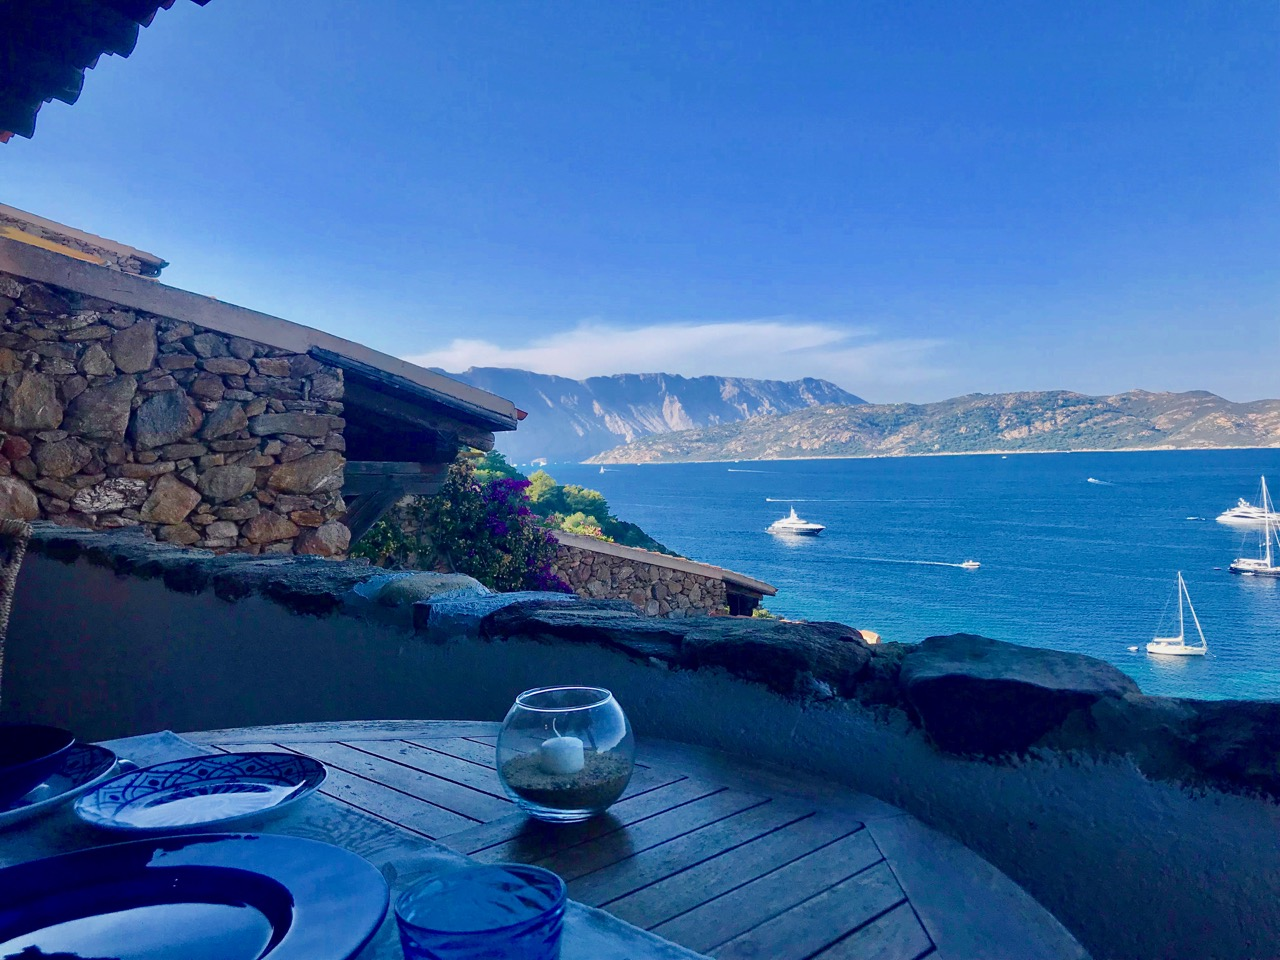 Casa Blue - Coda Cavallo Resort (noordoosten) 2